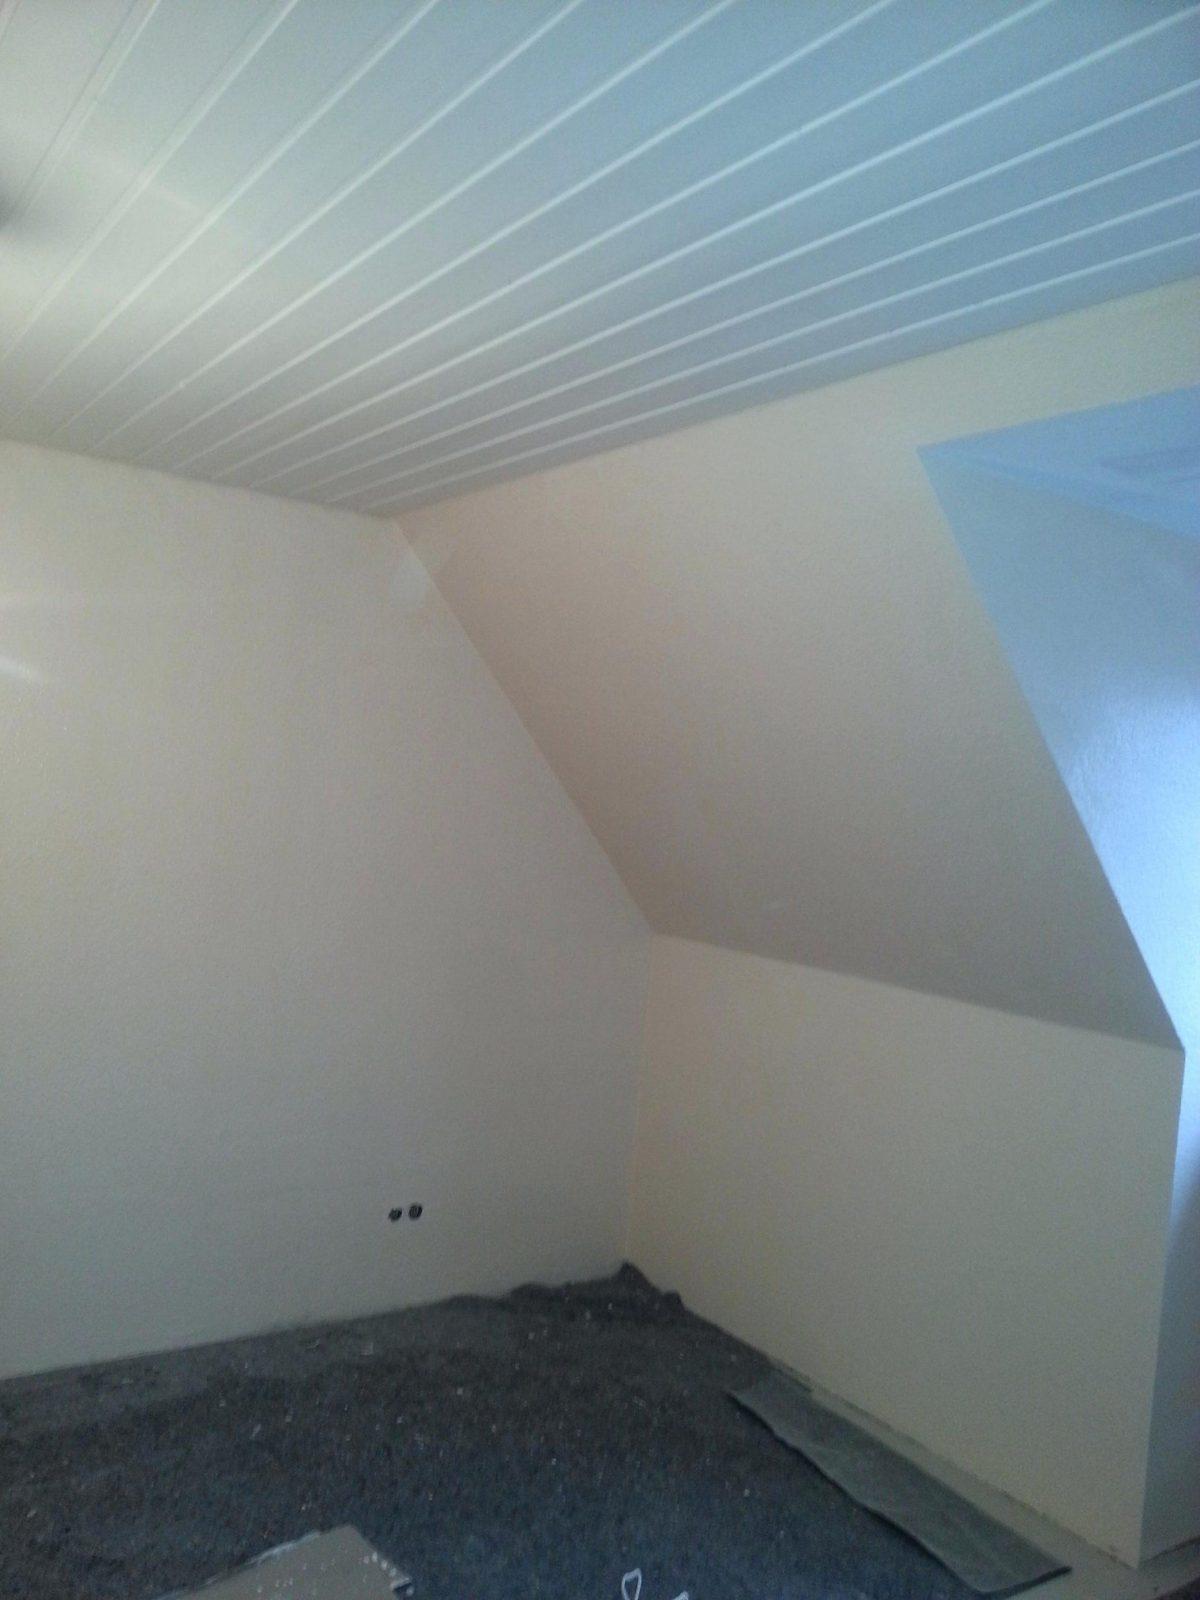 Holzdecke Streichen Lackierte Ohne Schleifen Mit Wandfarbe Weiss Farbe Von  Holzdecke Mit Wandfarbe Streichen Photo